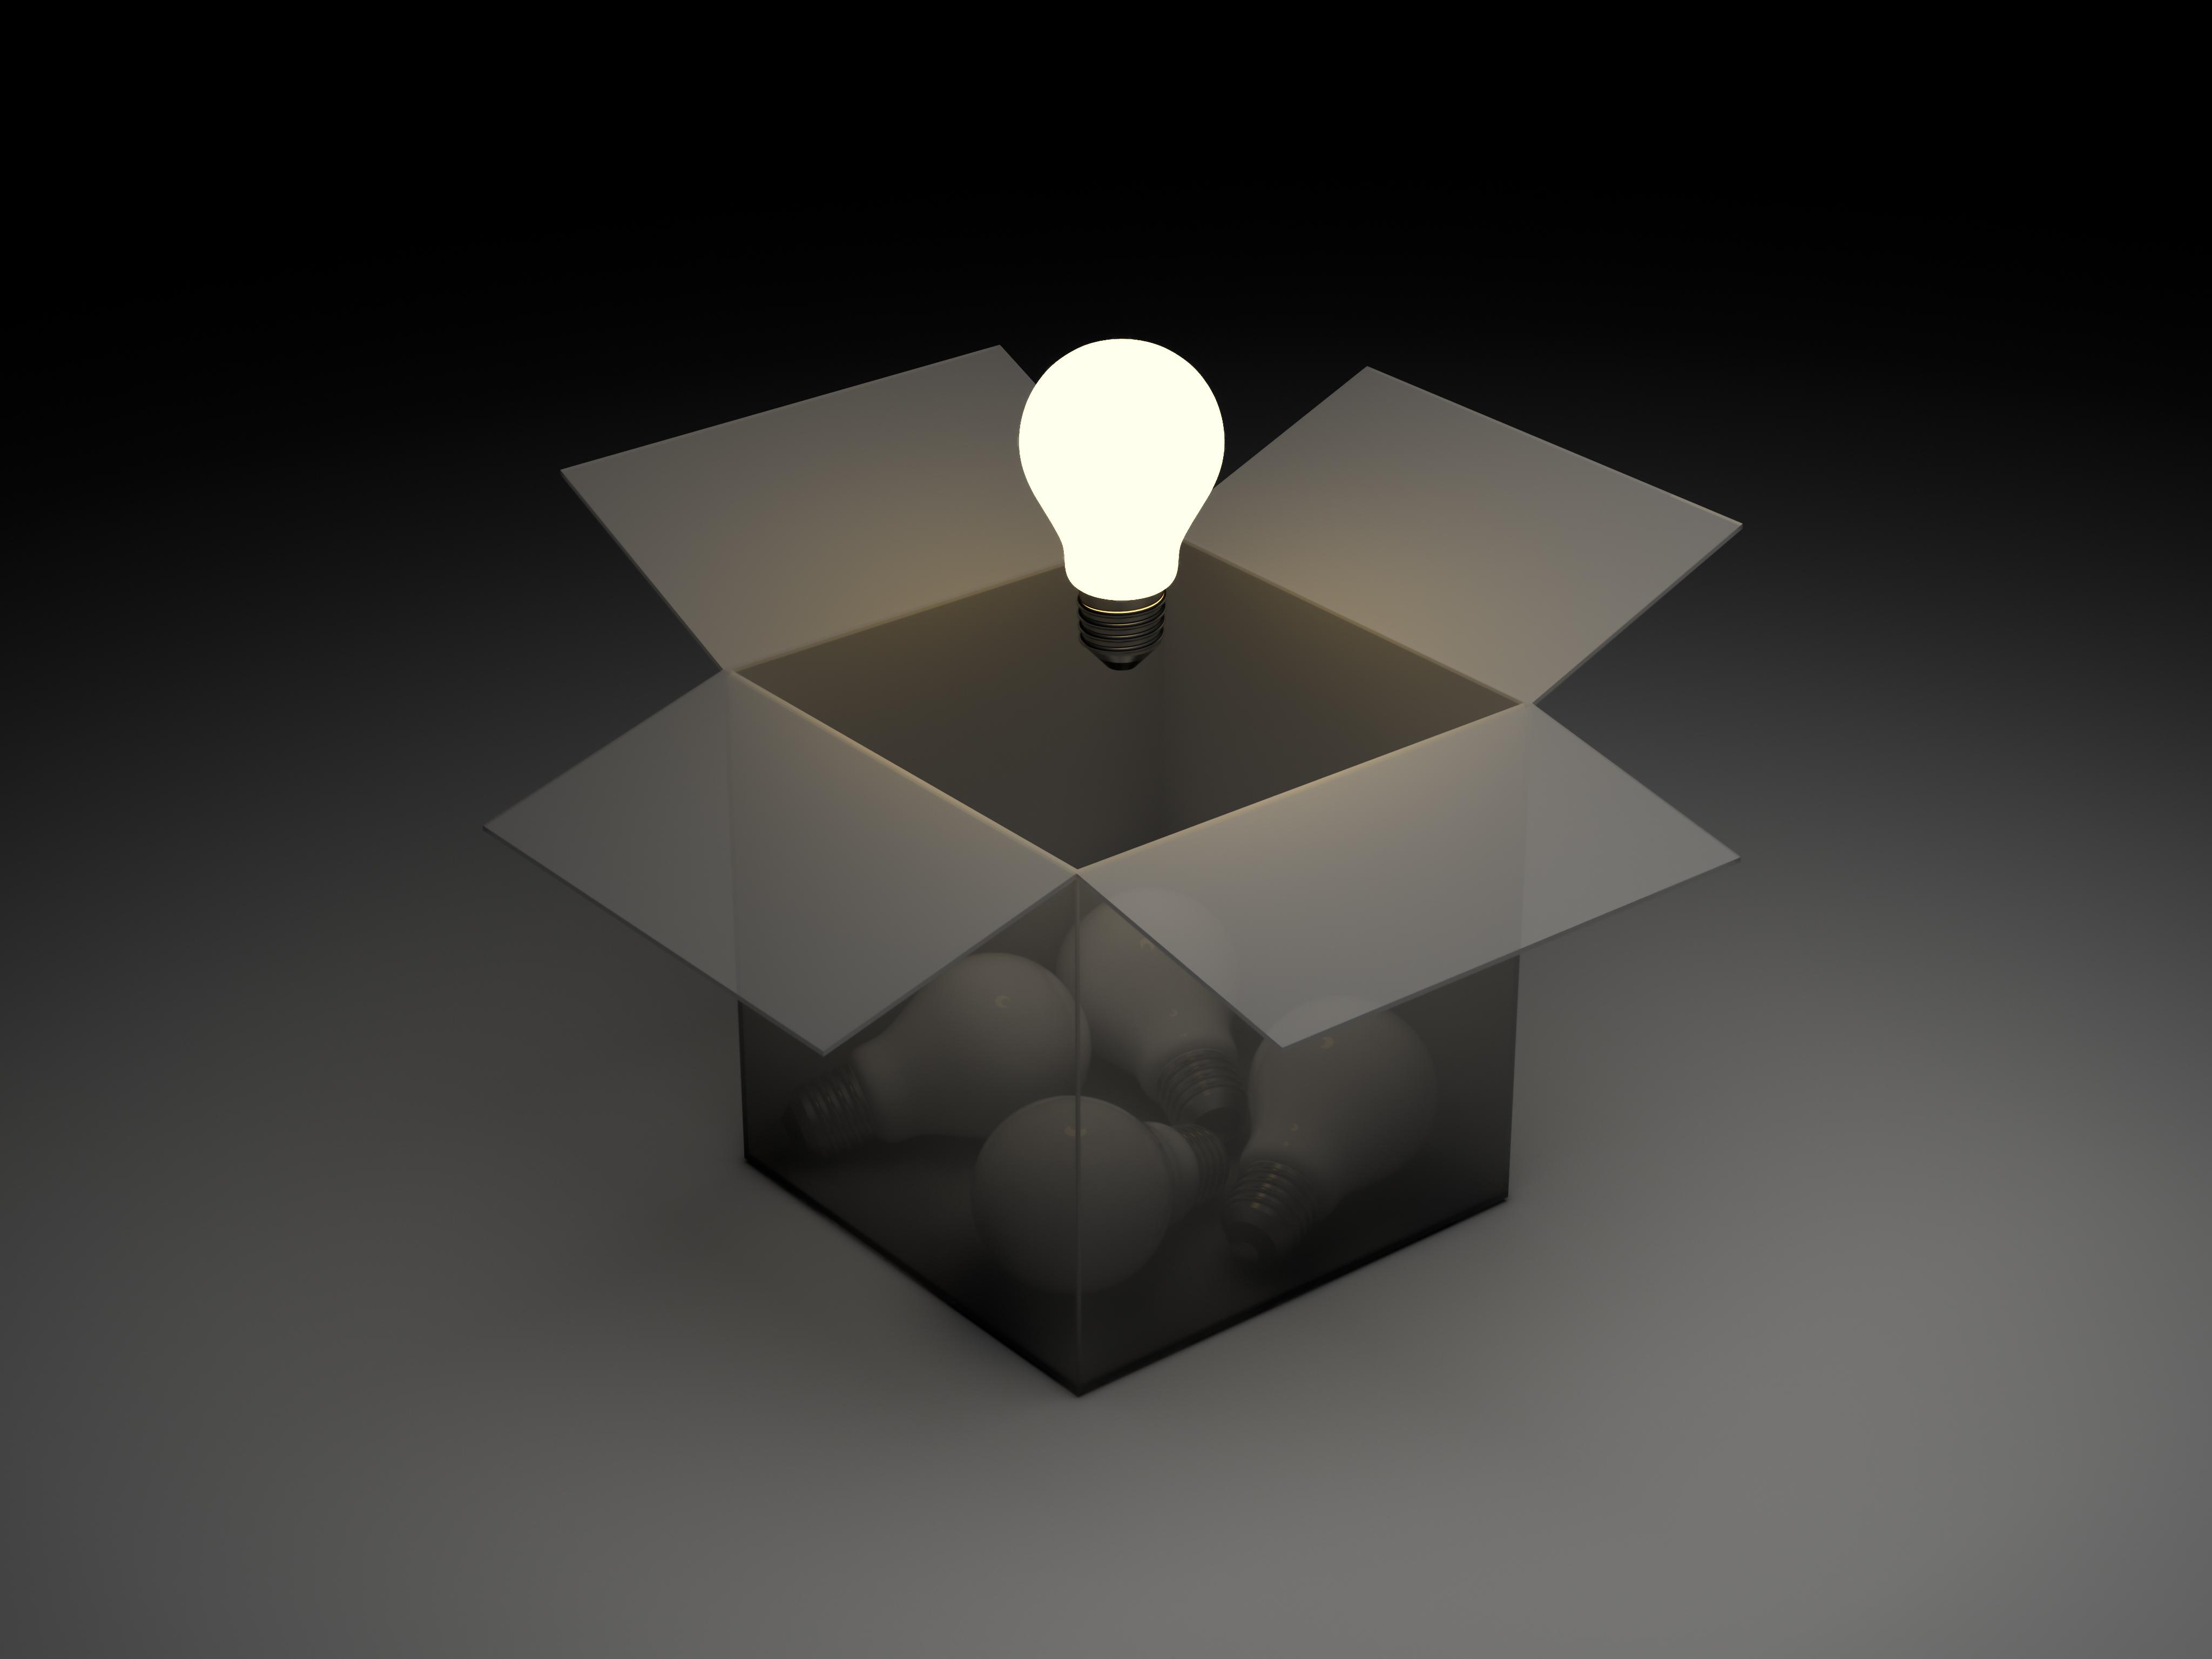 The-Bright-Ideas-Box